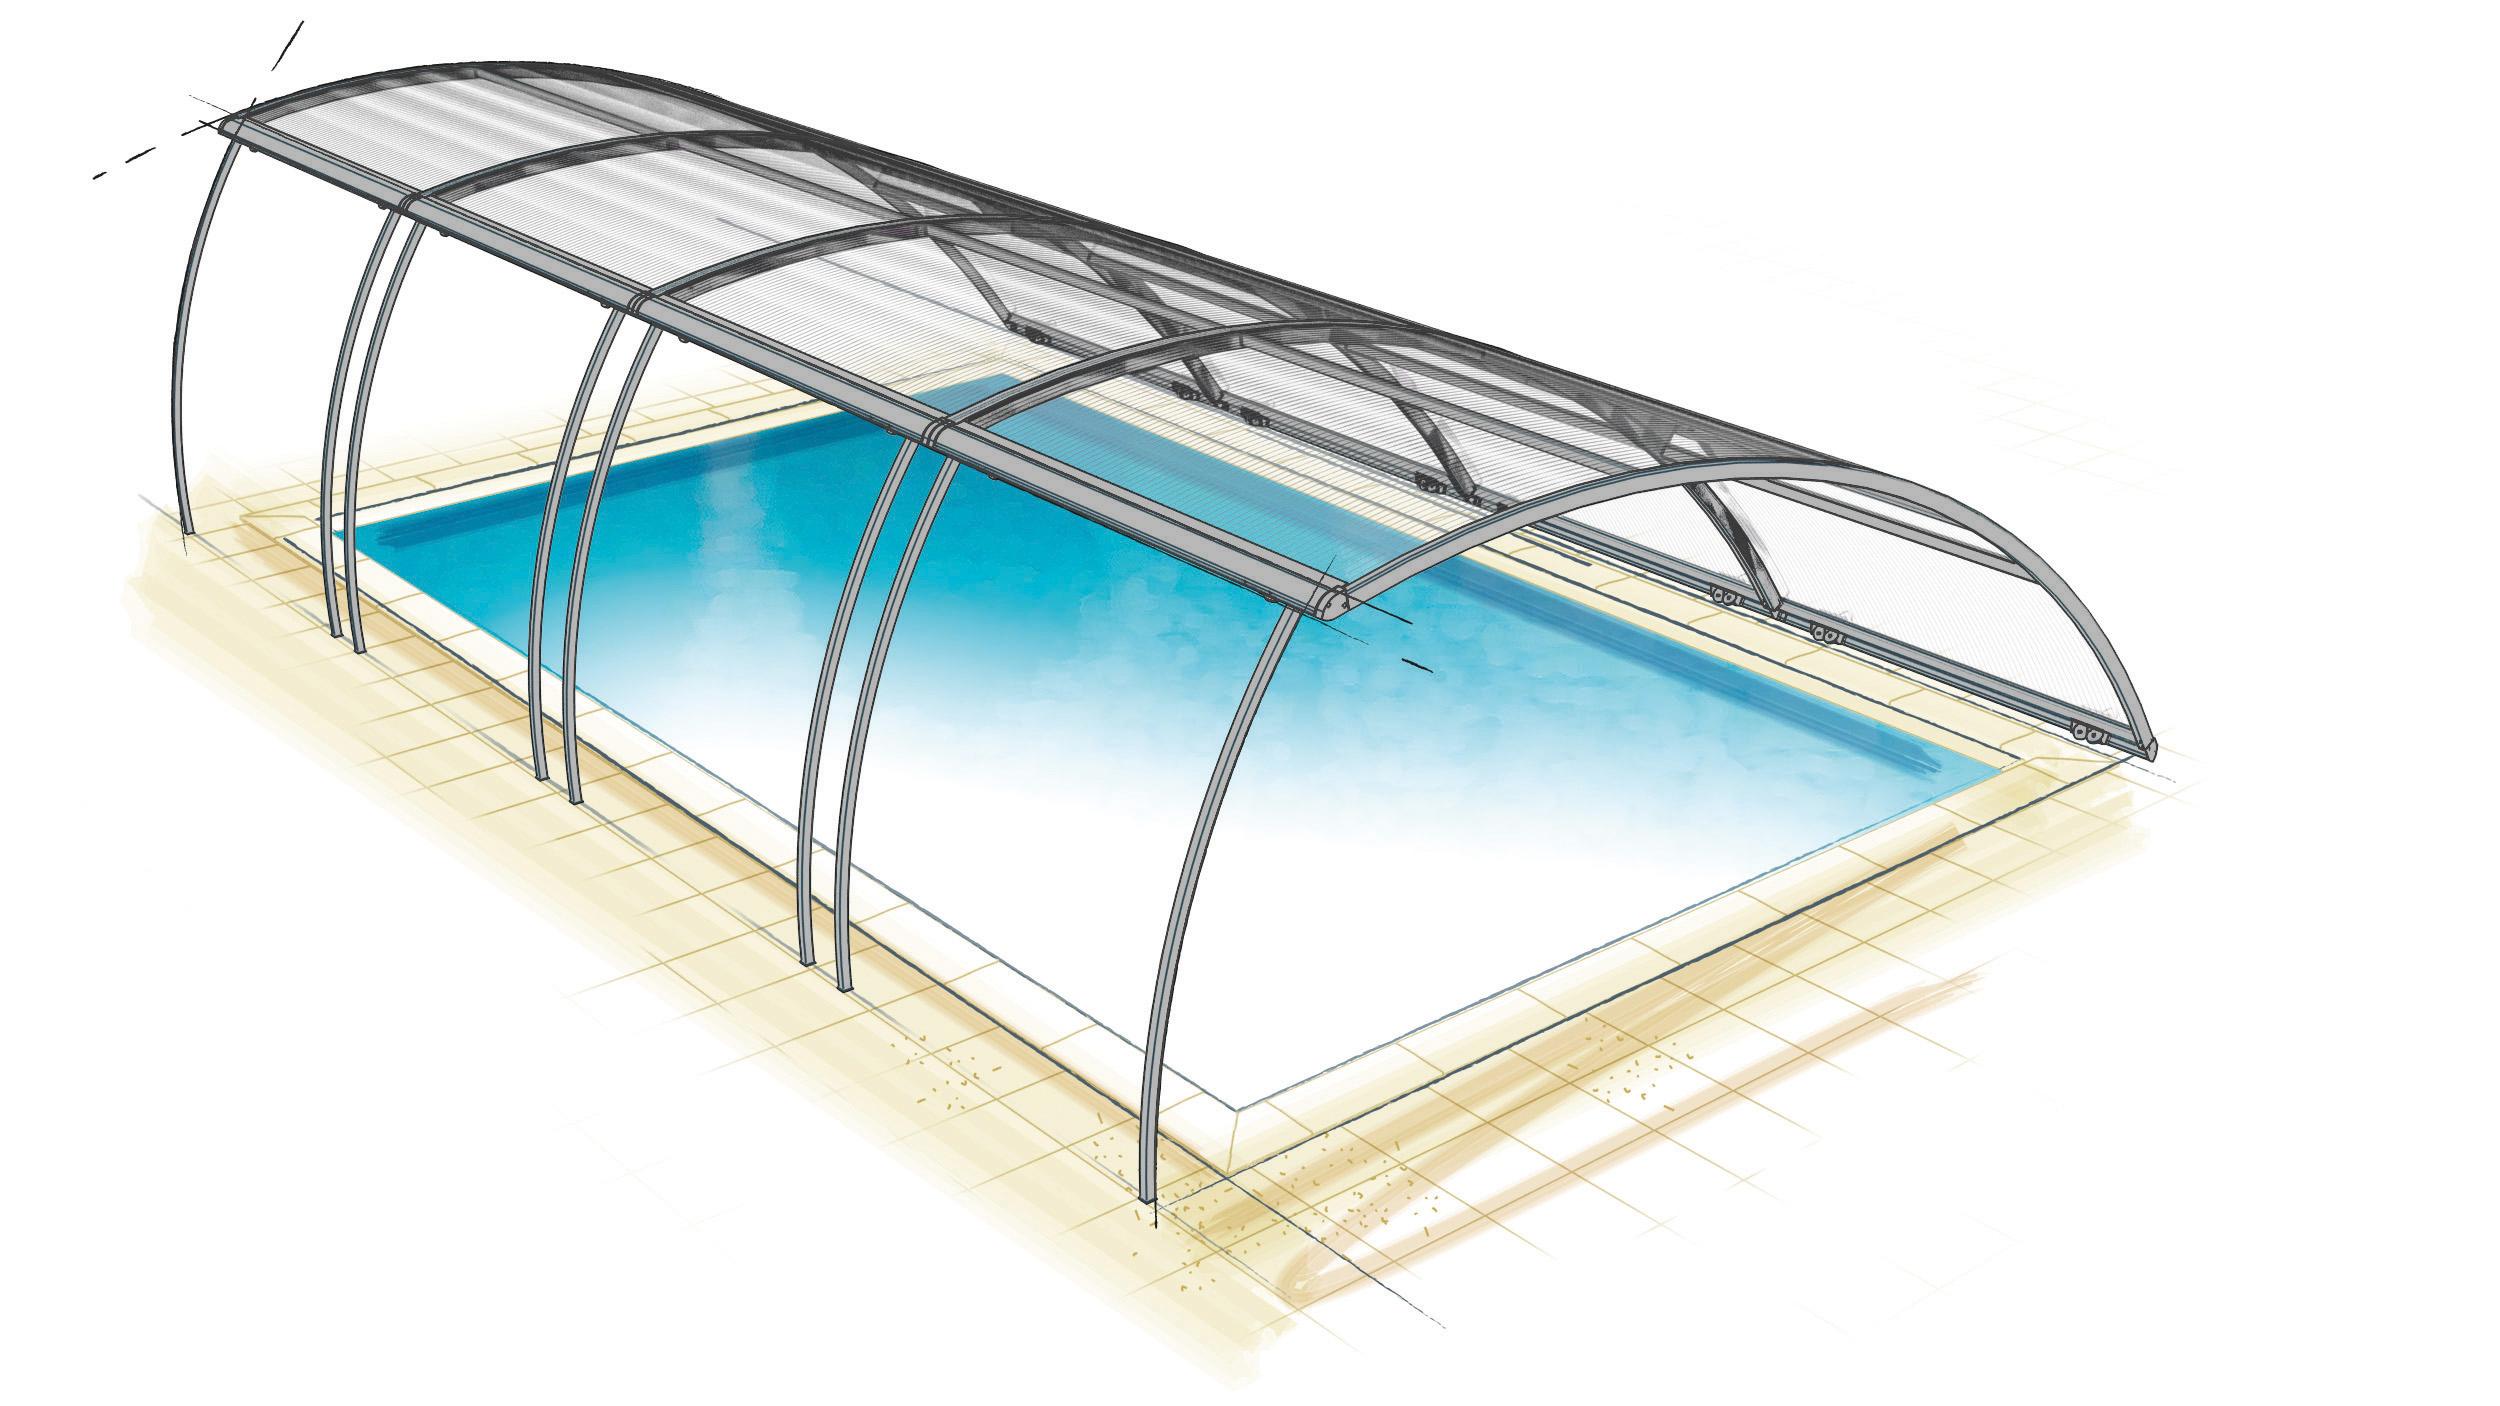 cubierta de piscina amovible curvada de Azenco